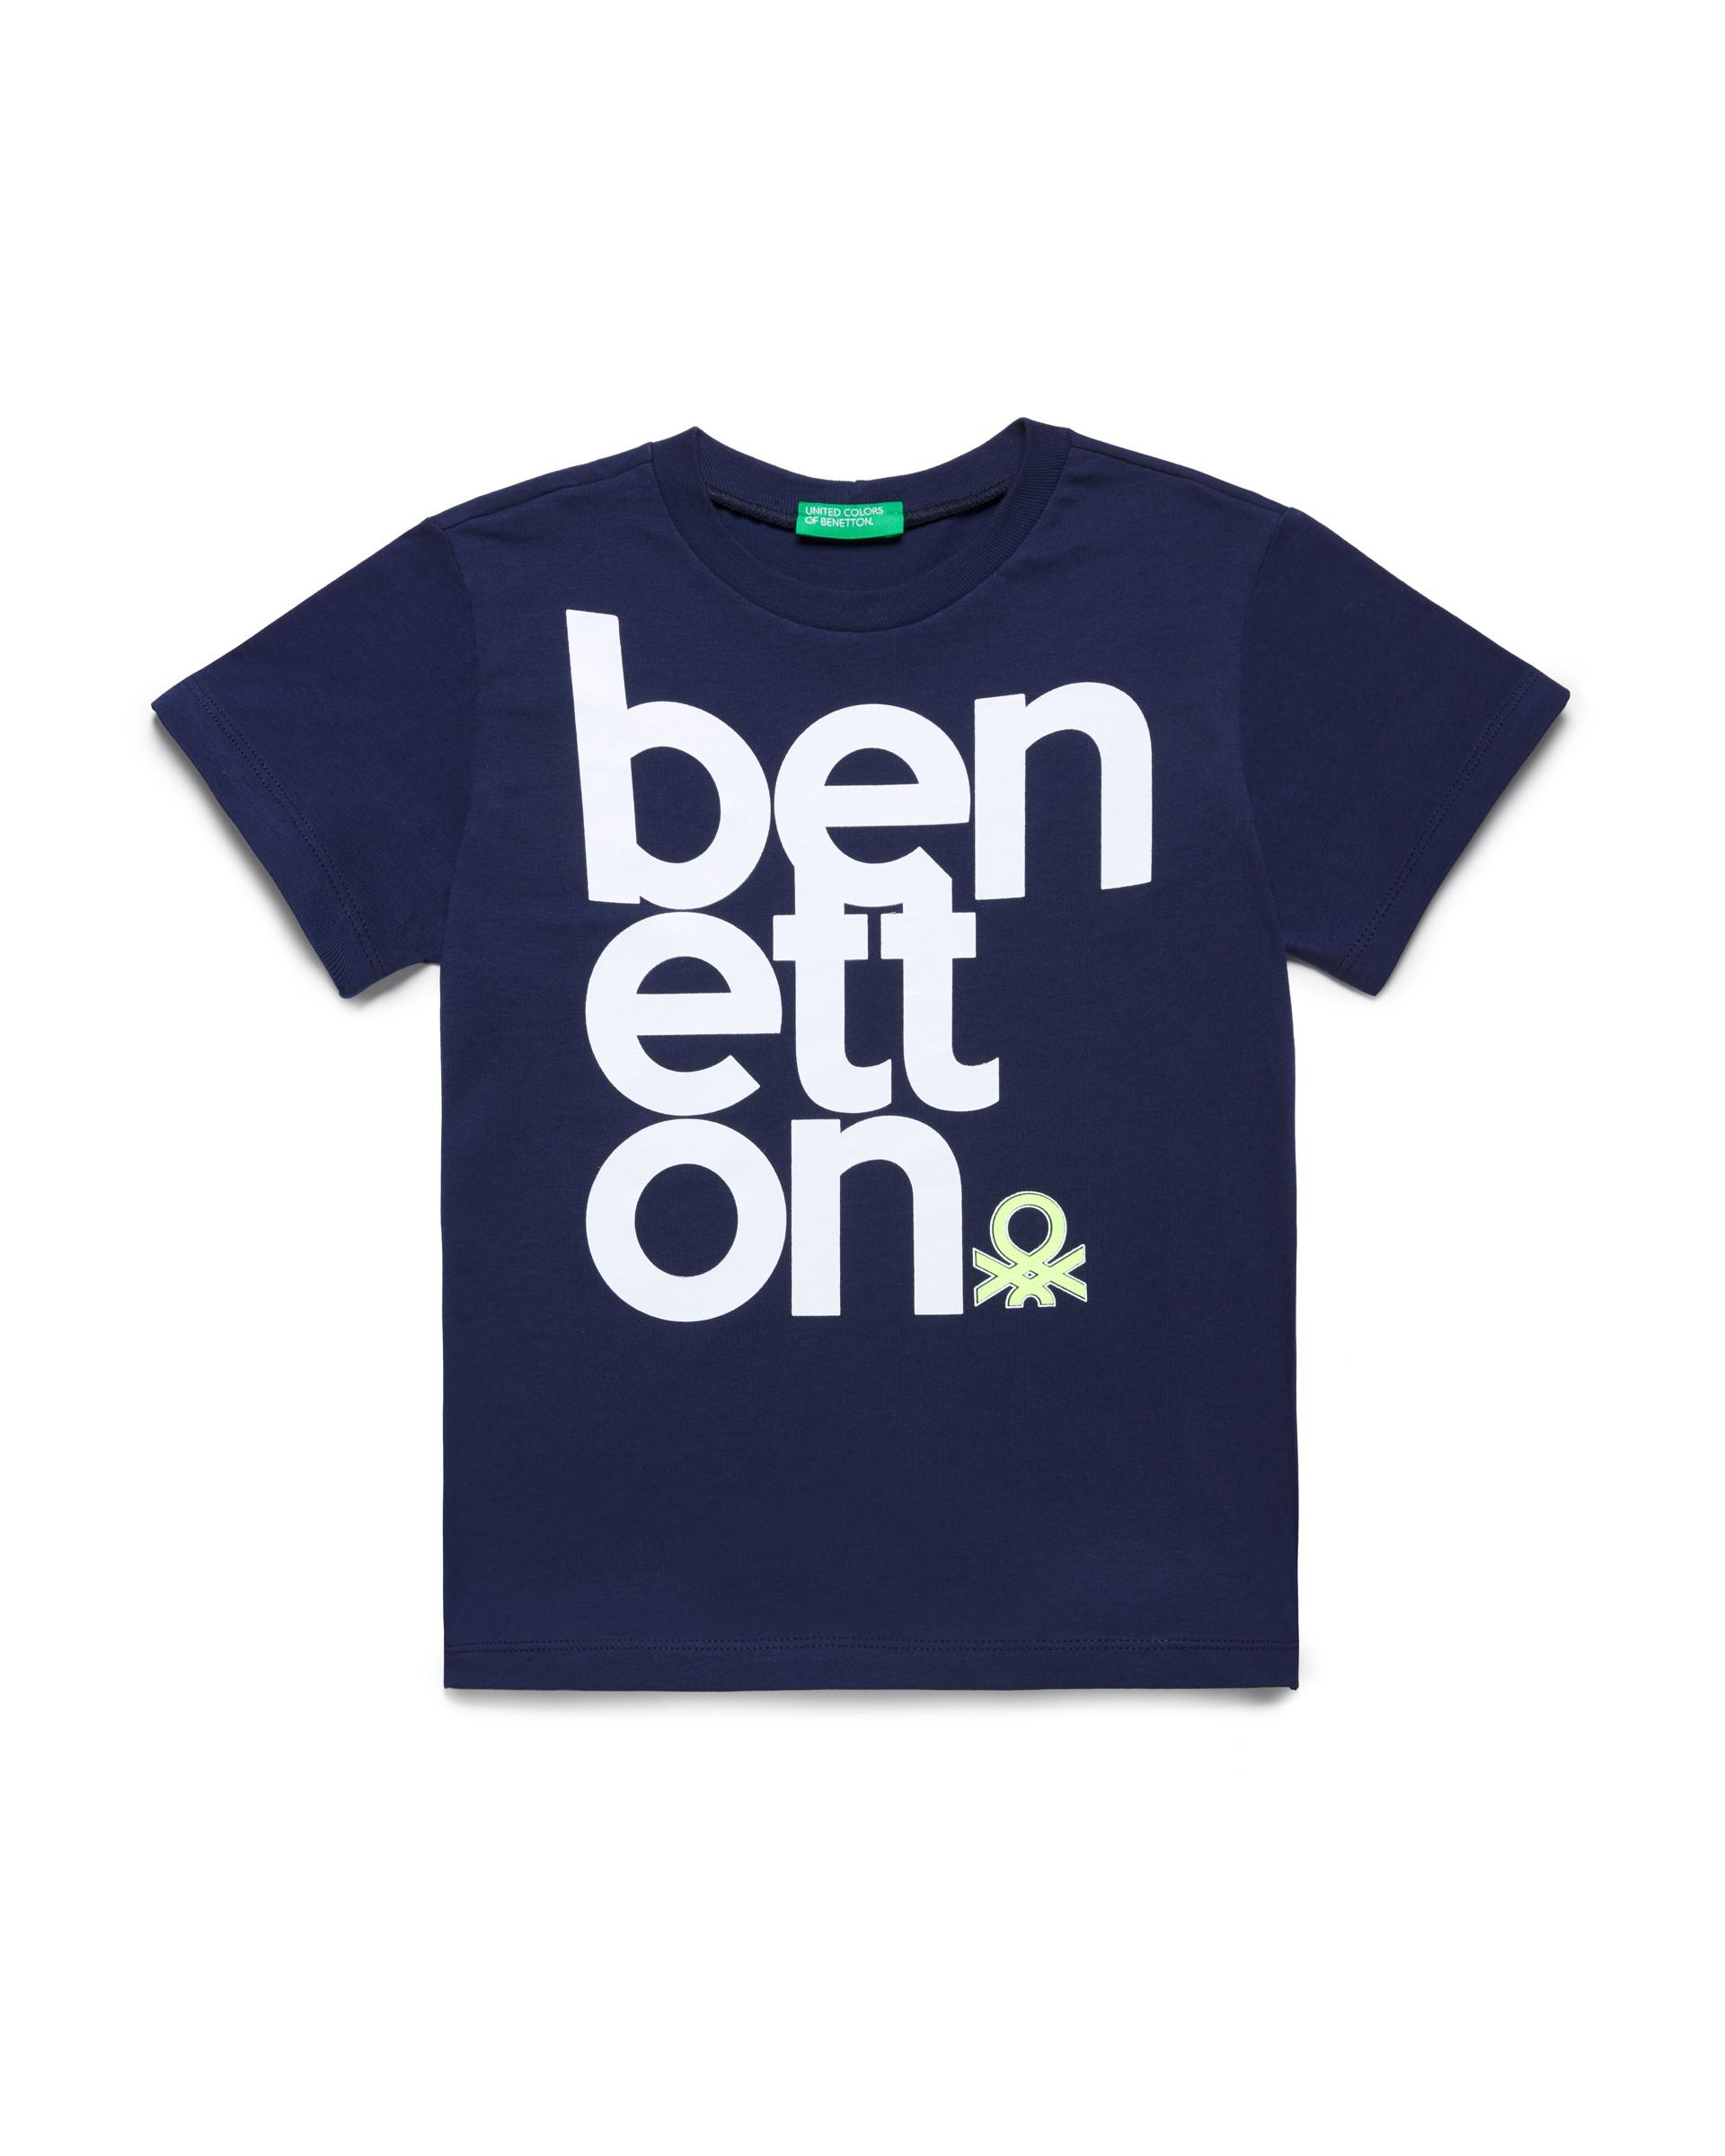 Купить 20P_3096C14PI_252, Футболка для мальчиков Benetton 3096C14PI_252 р-р 128, United Colors of Benetton, Футболки для мальчиков